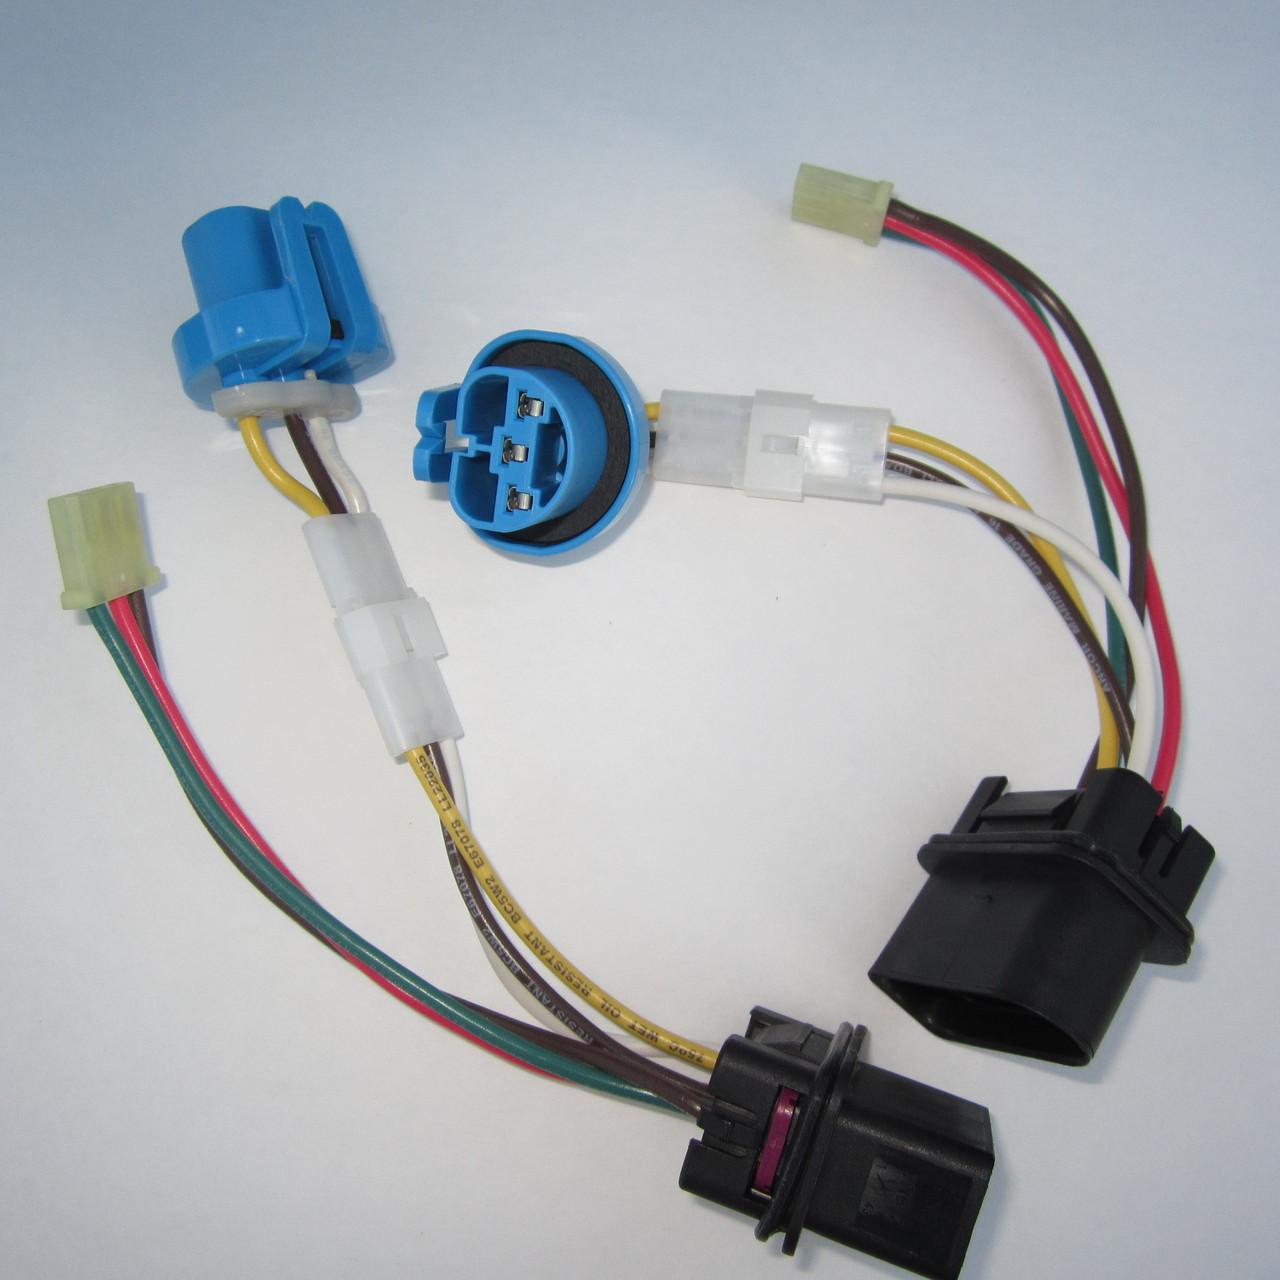 2 brand new complete jetta headlight wiring harness 1999 2005 vw mk4 [ 1280 x 1280 Pixel ]